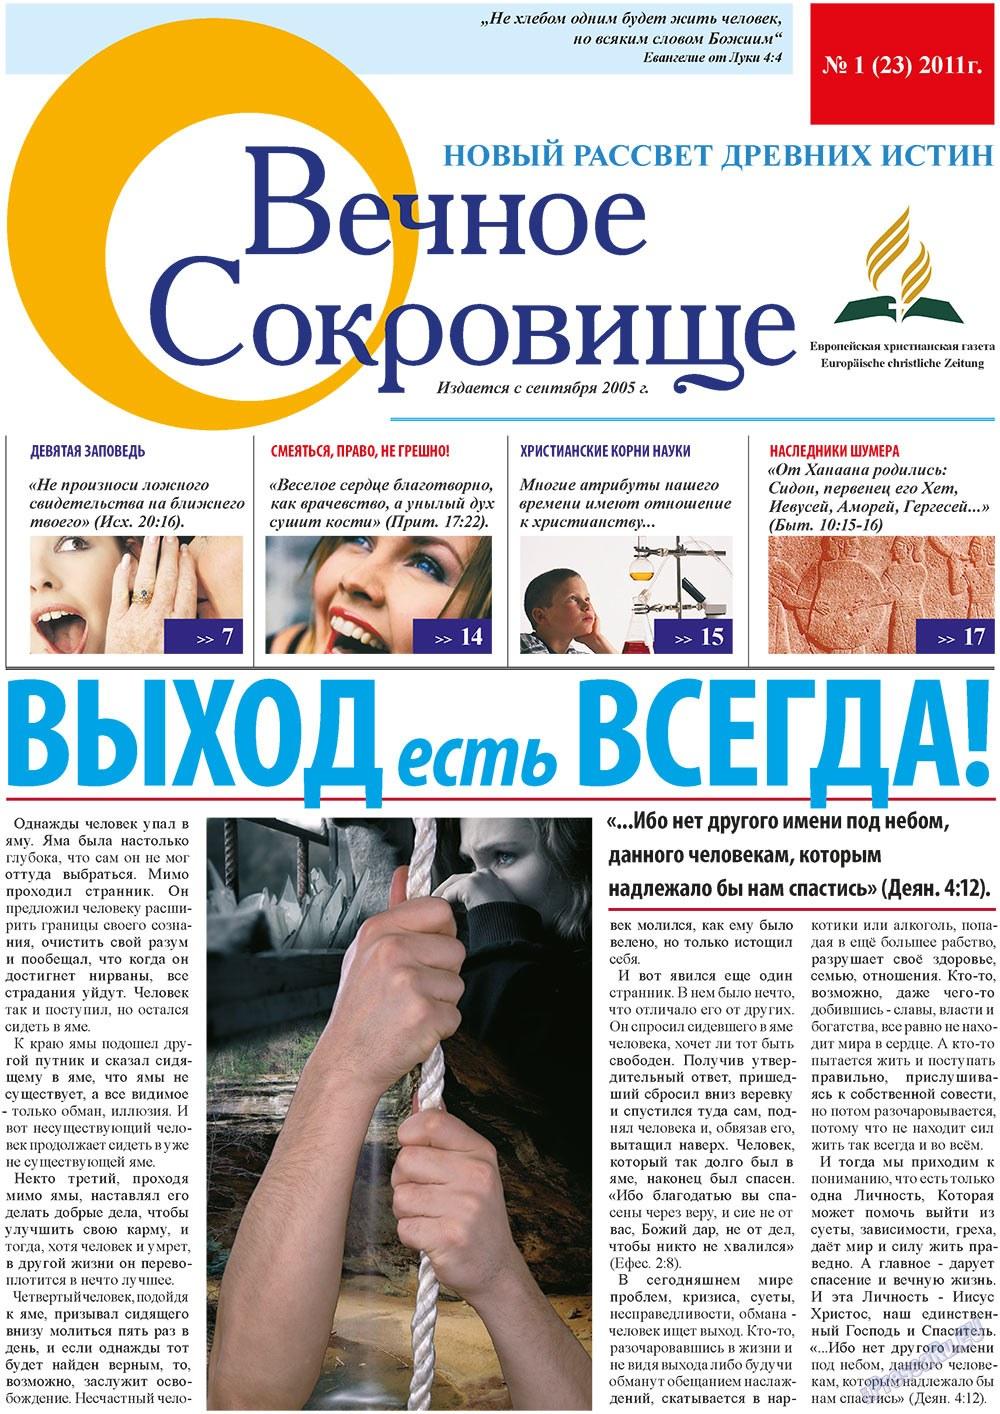 Вечное сокровище (газета). 2011 год, номер 1, стр. 1